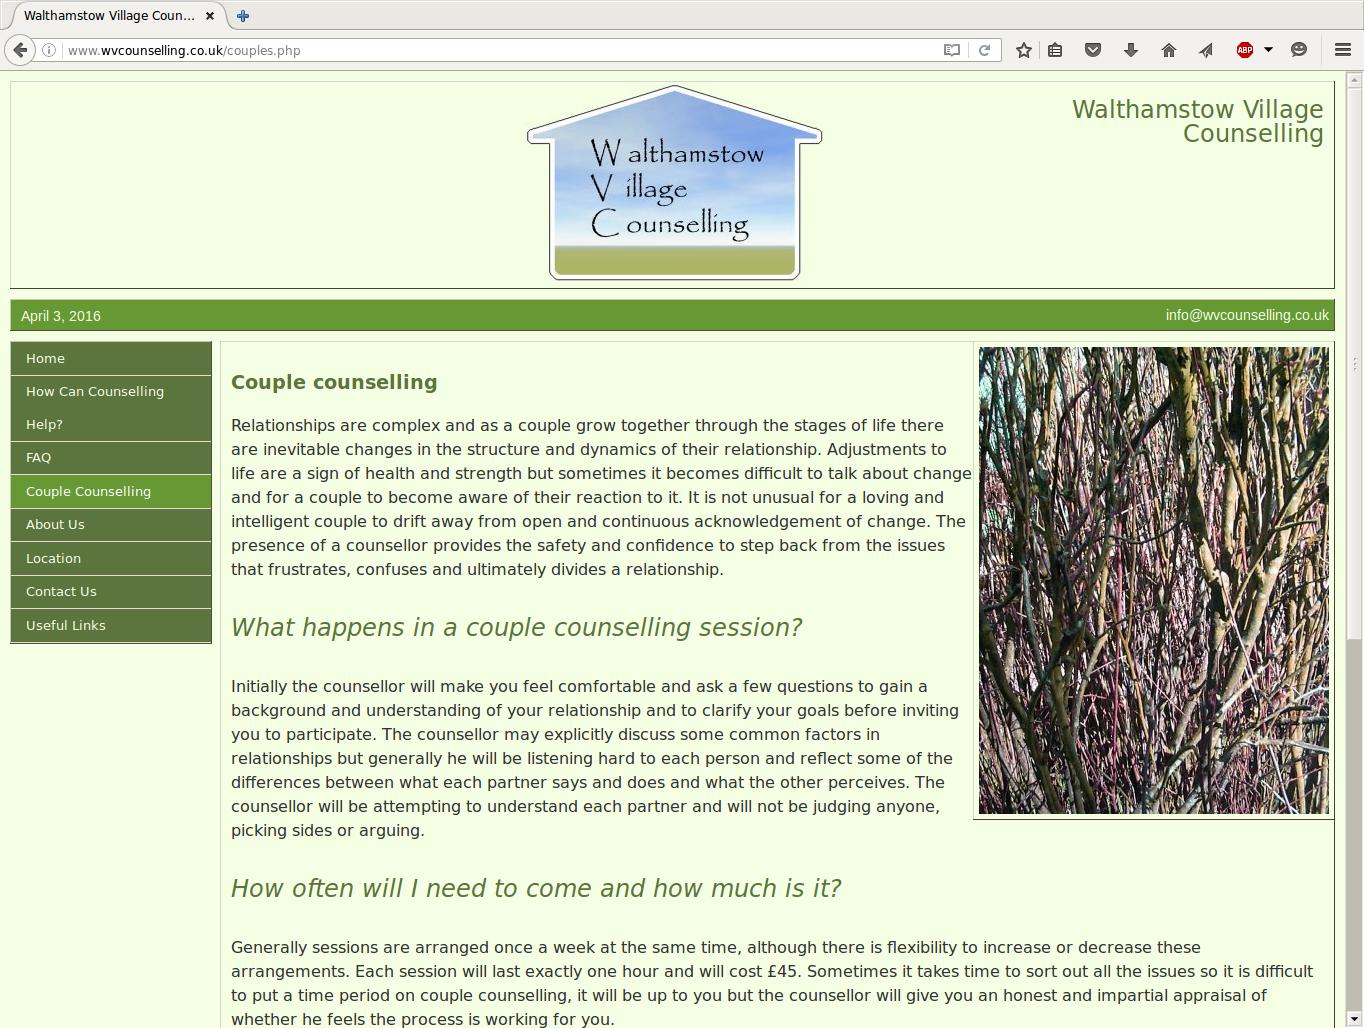 Screenshot-Walthamstow Village Counselling - Couple counselling - Mozilla Firefox